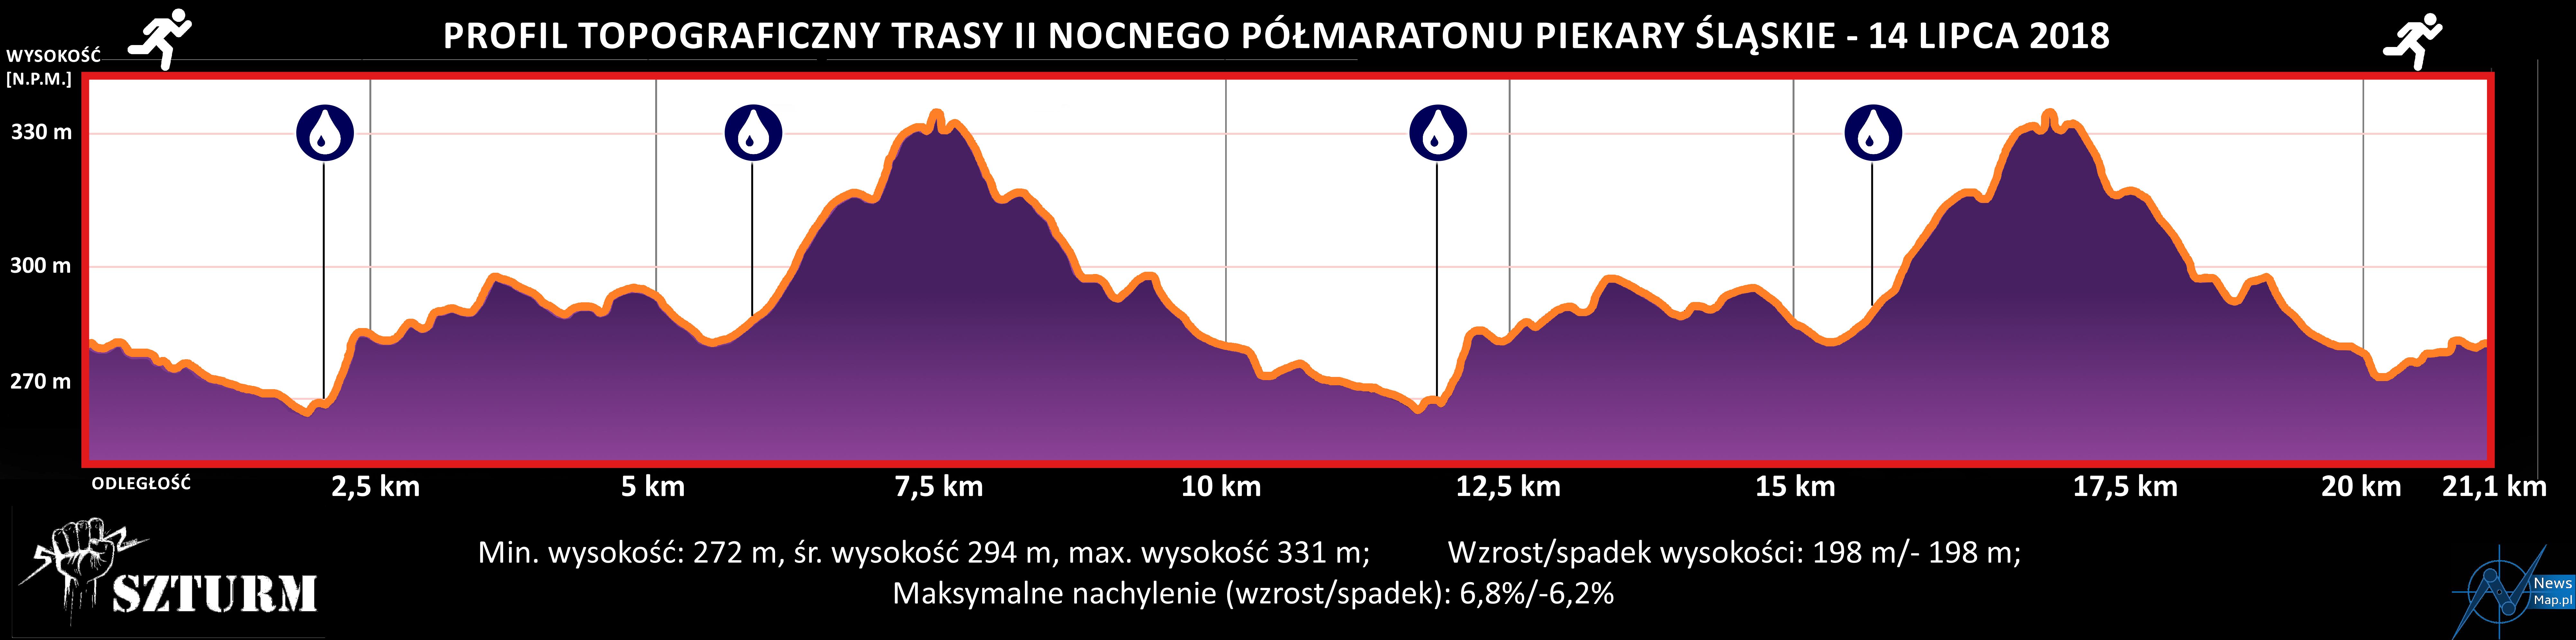 Profil Półmaraton Piekary Śląskie 2018